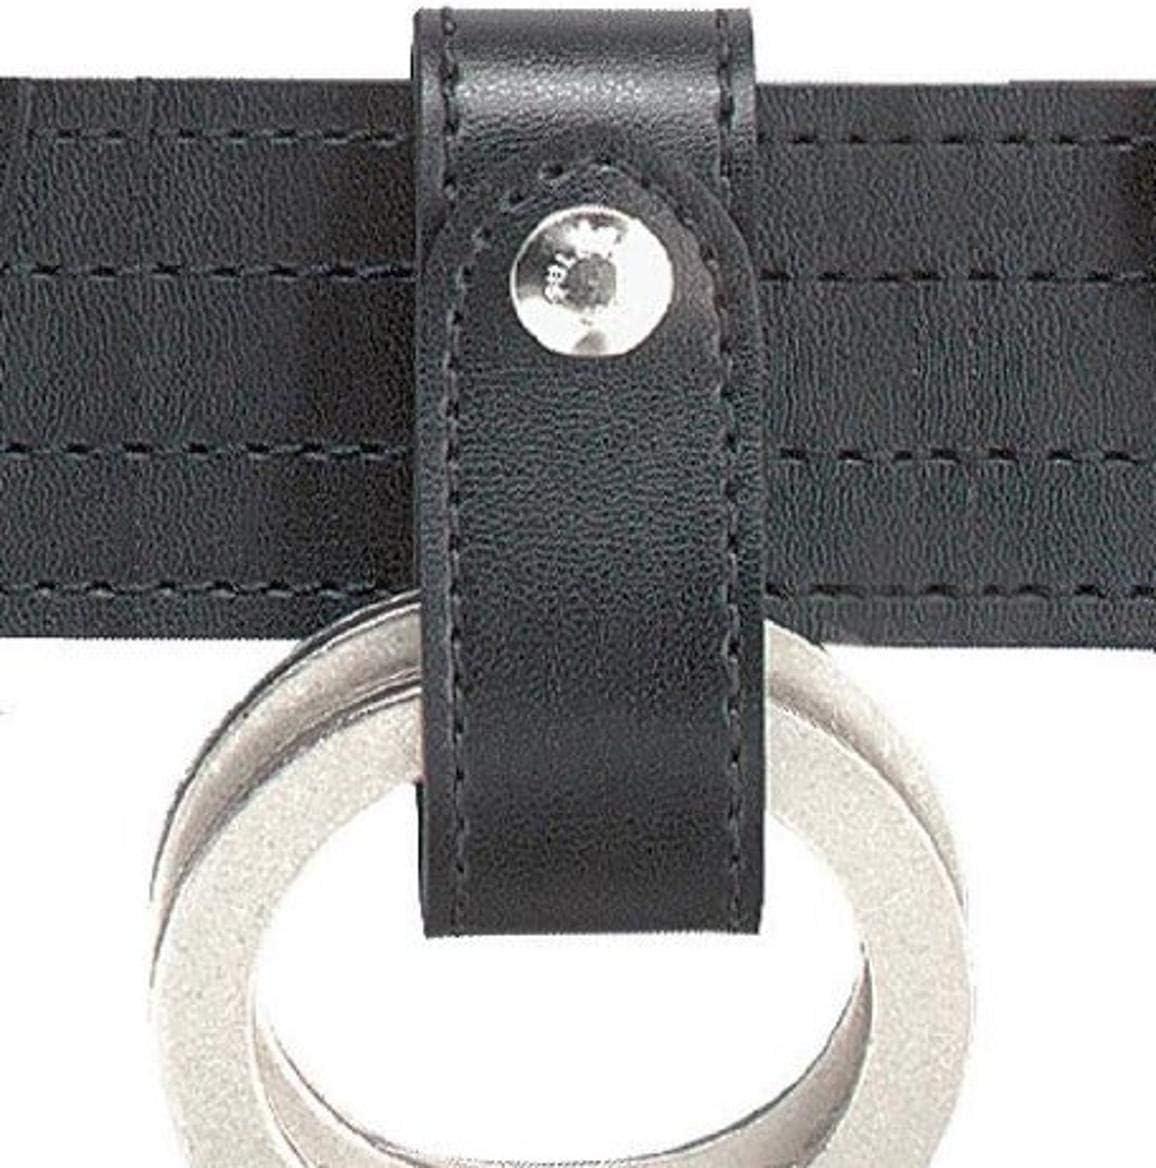 Black Single Snap Safariland 690 Handcuff Strap Plain